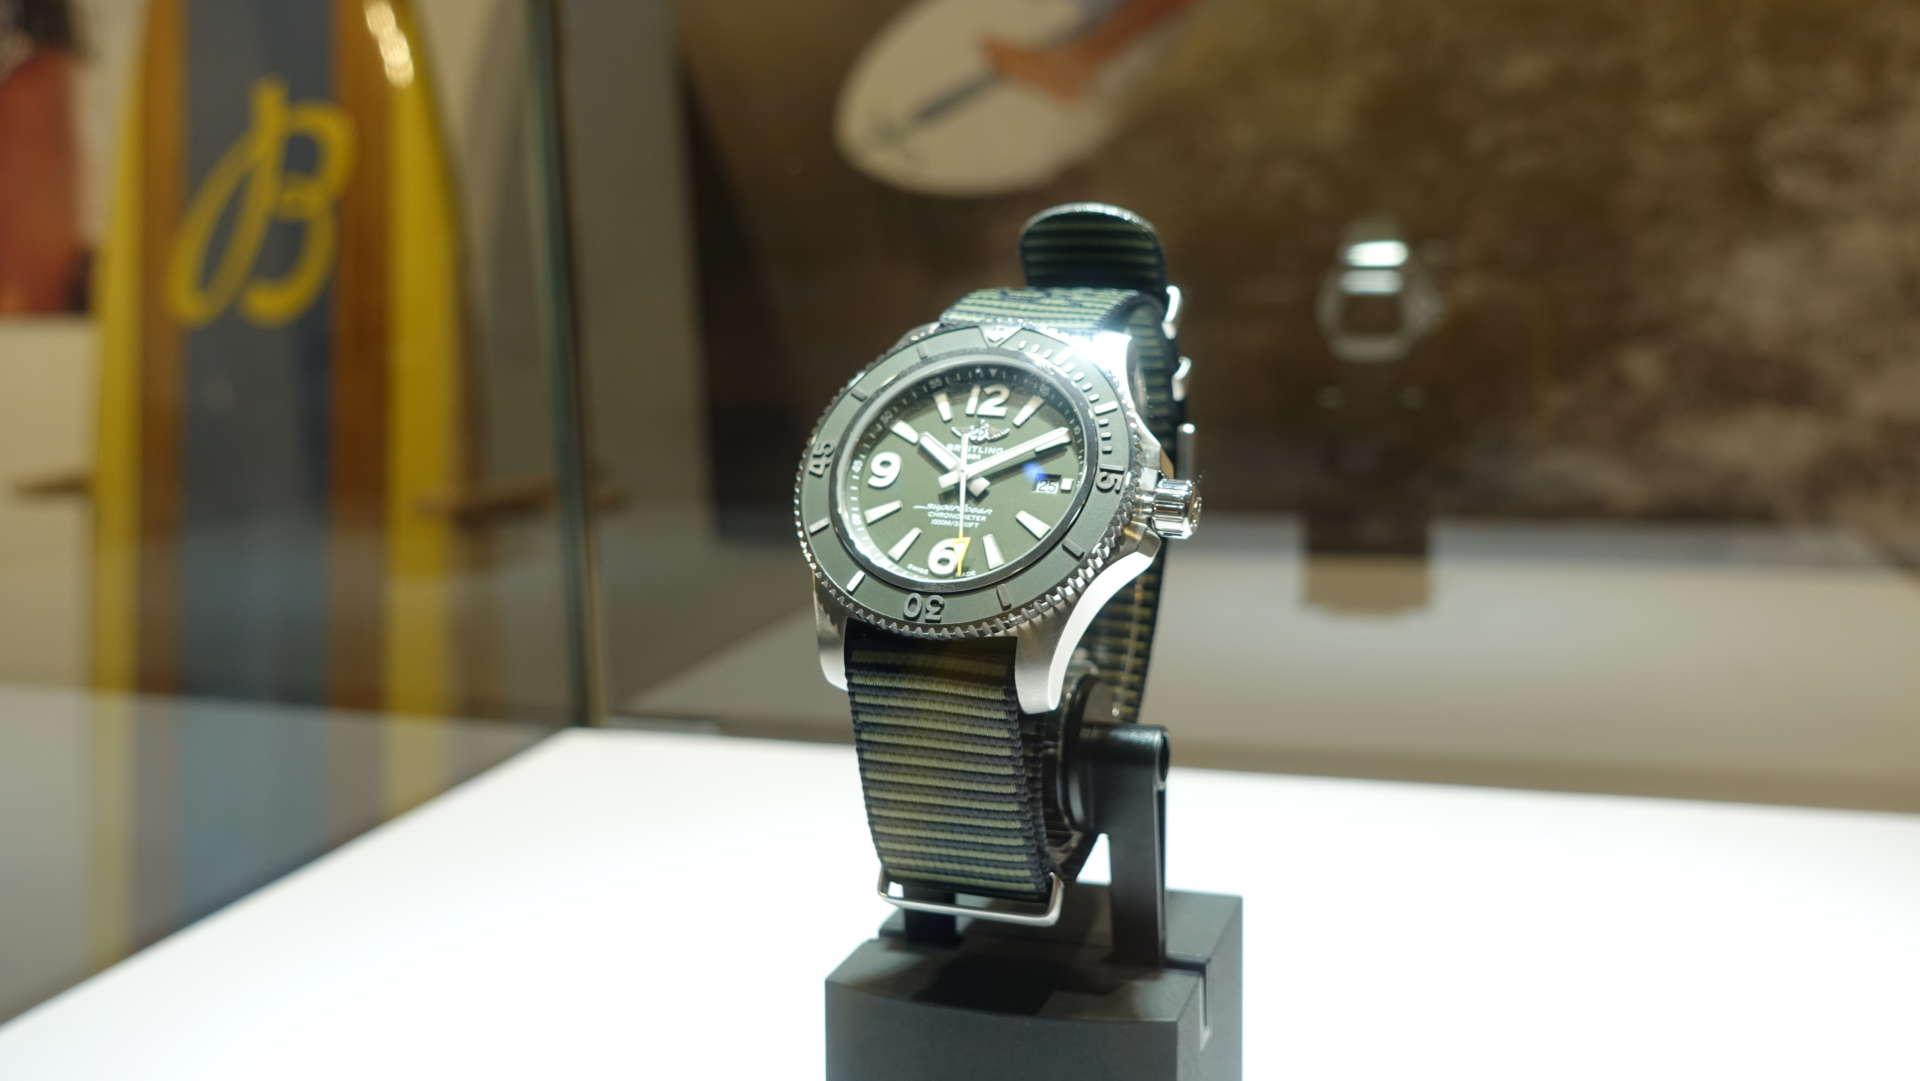 百年靈Superocean Automatic 超級海洋自動腕錶Outerknown特別版,NTD 134,000。